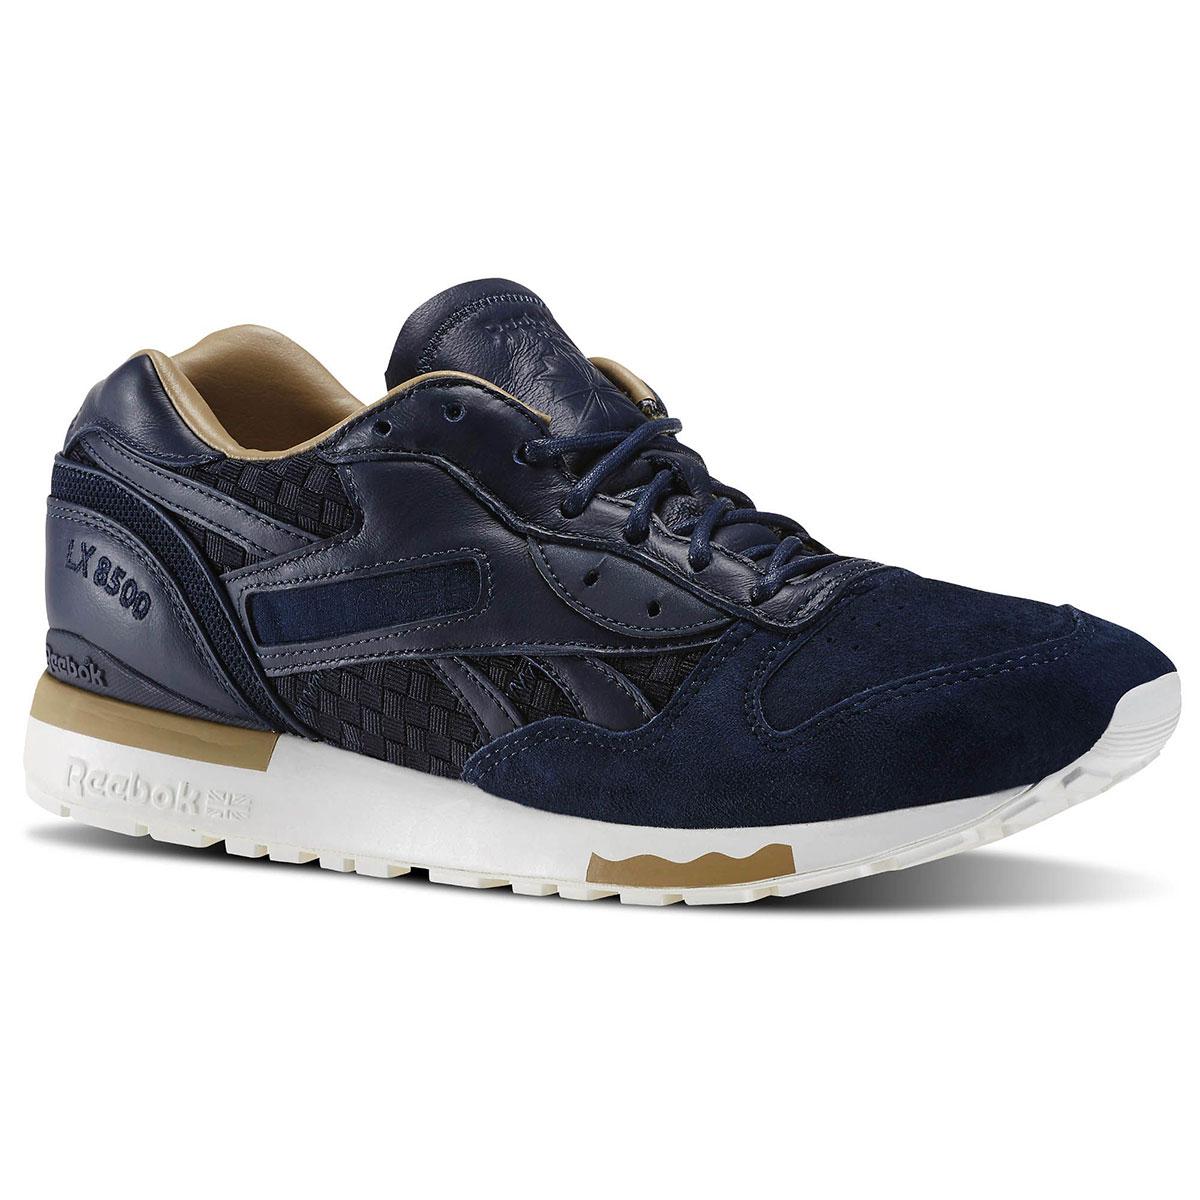 REEBOK LX оригинални мъжки маратонки - 0105-762